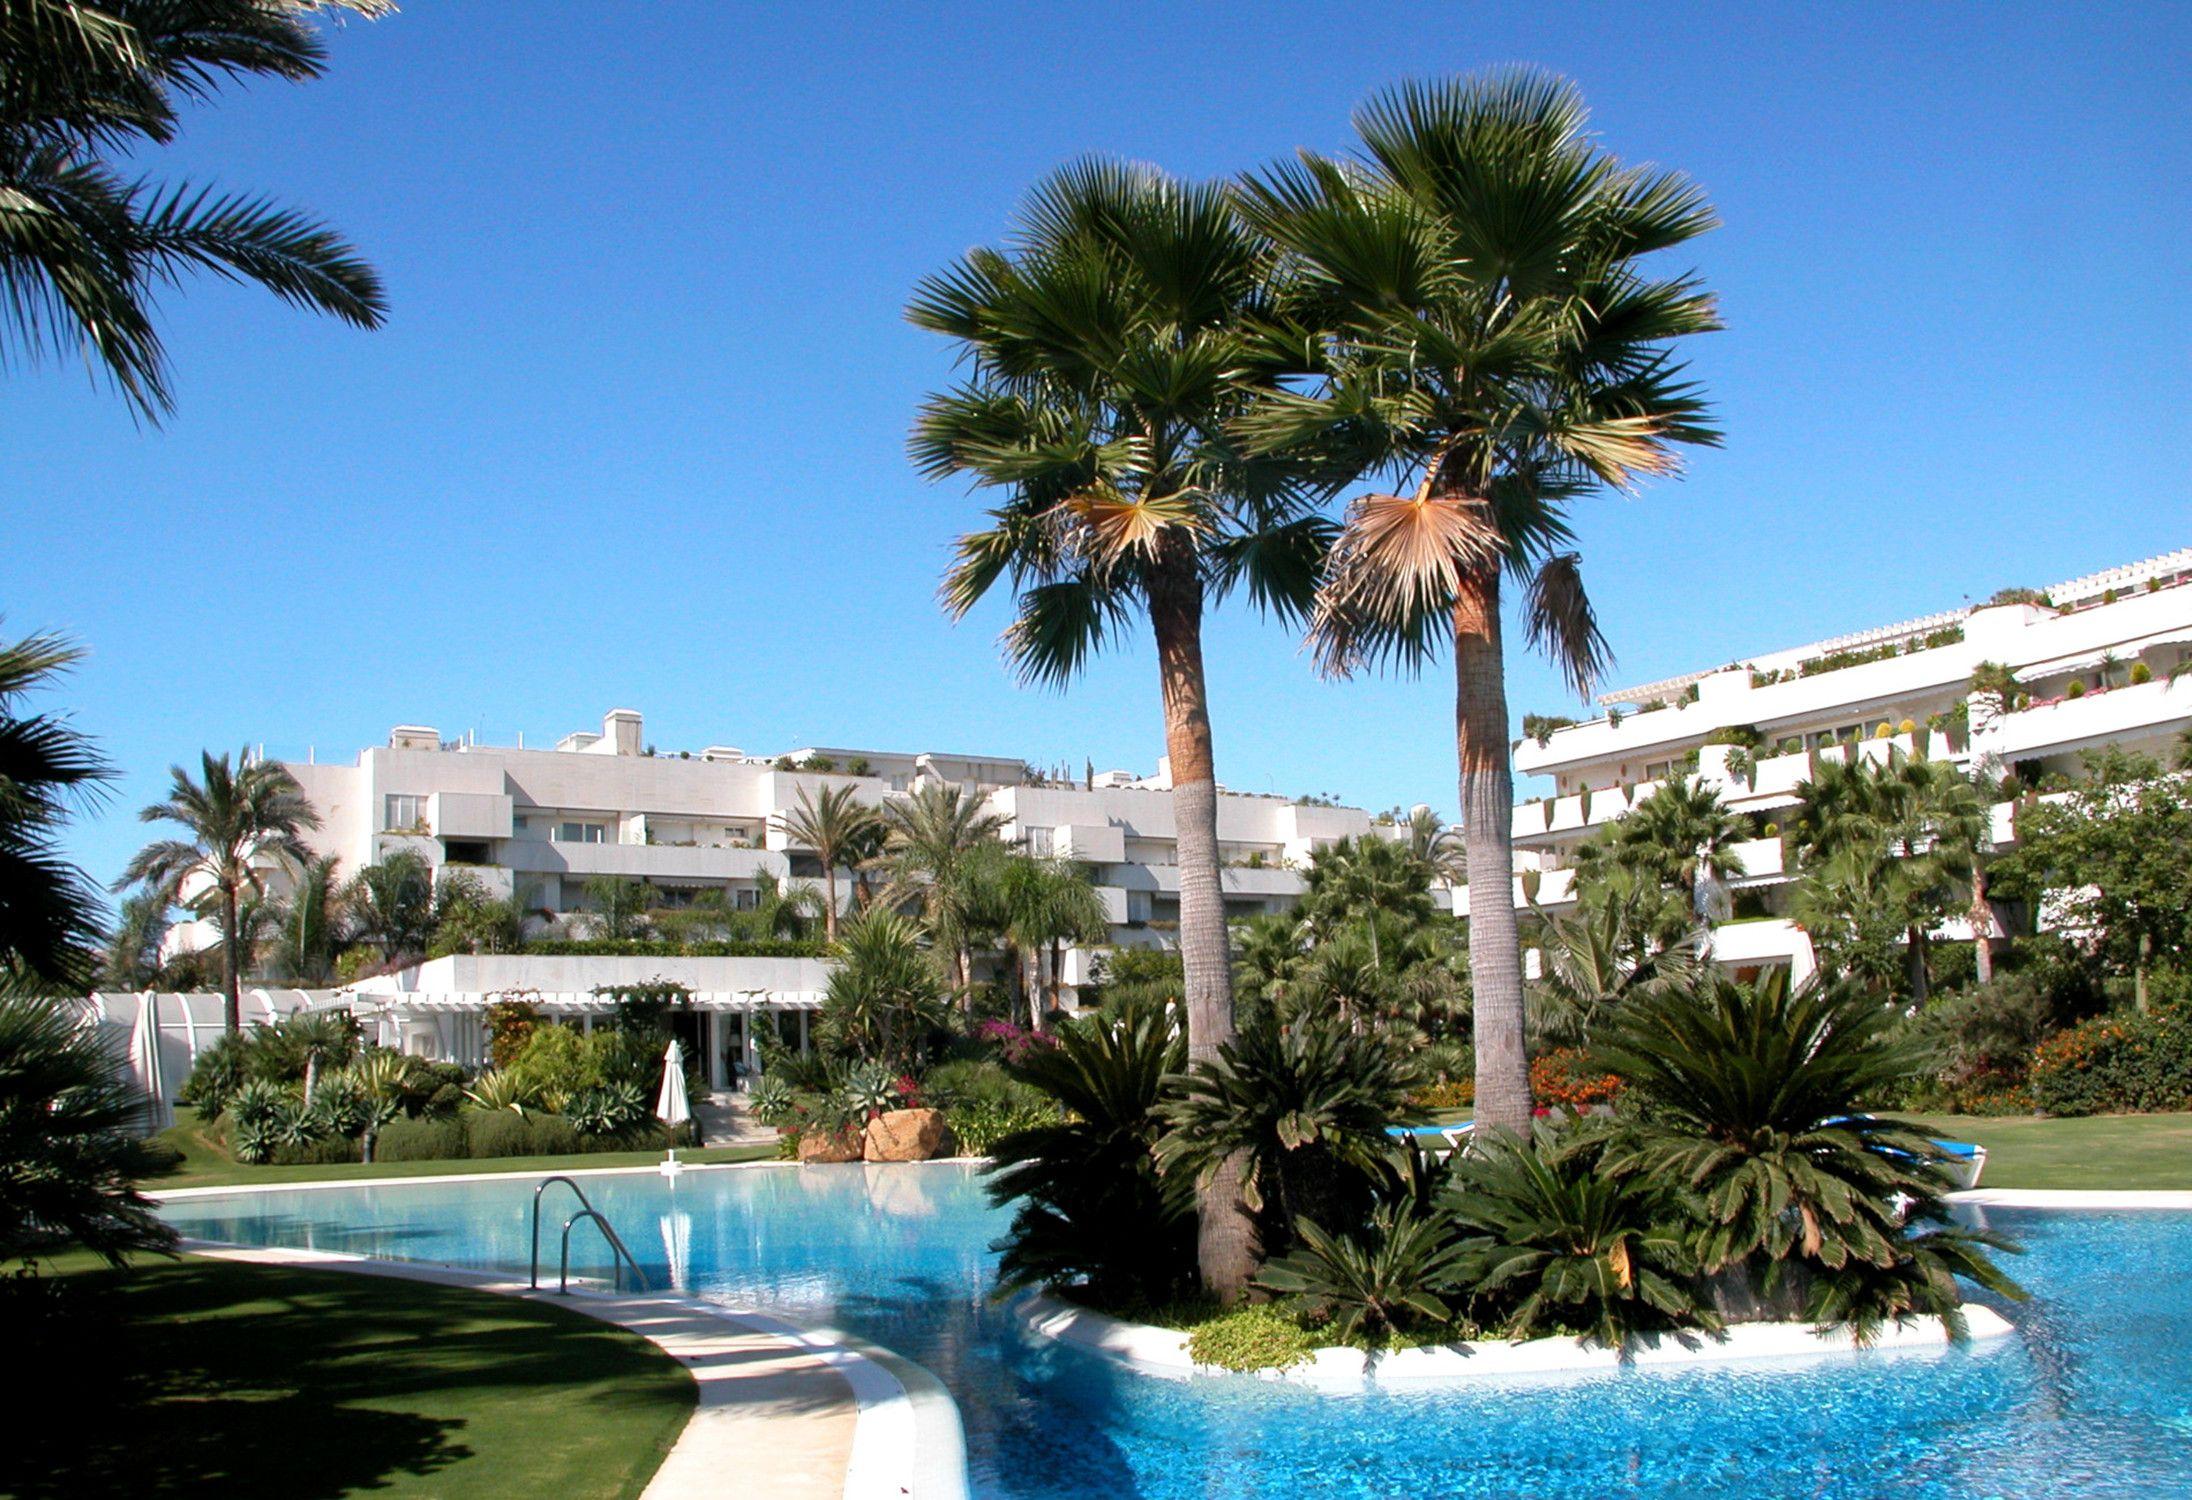 Urbanizacion Los Granados Banus en Puerto Banus Marbella Malaga